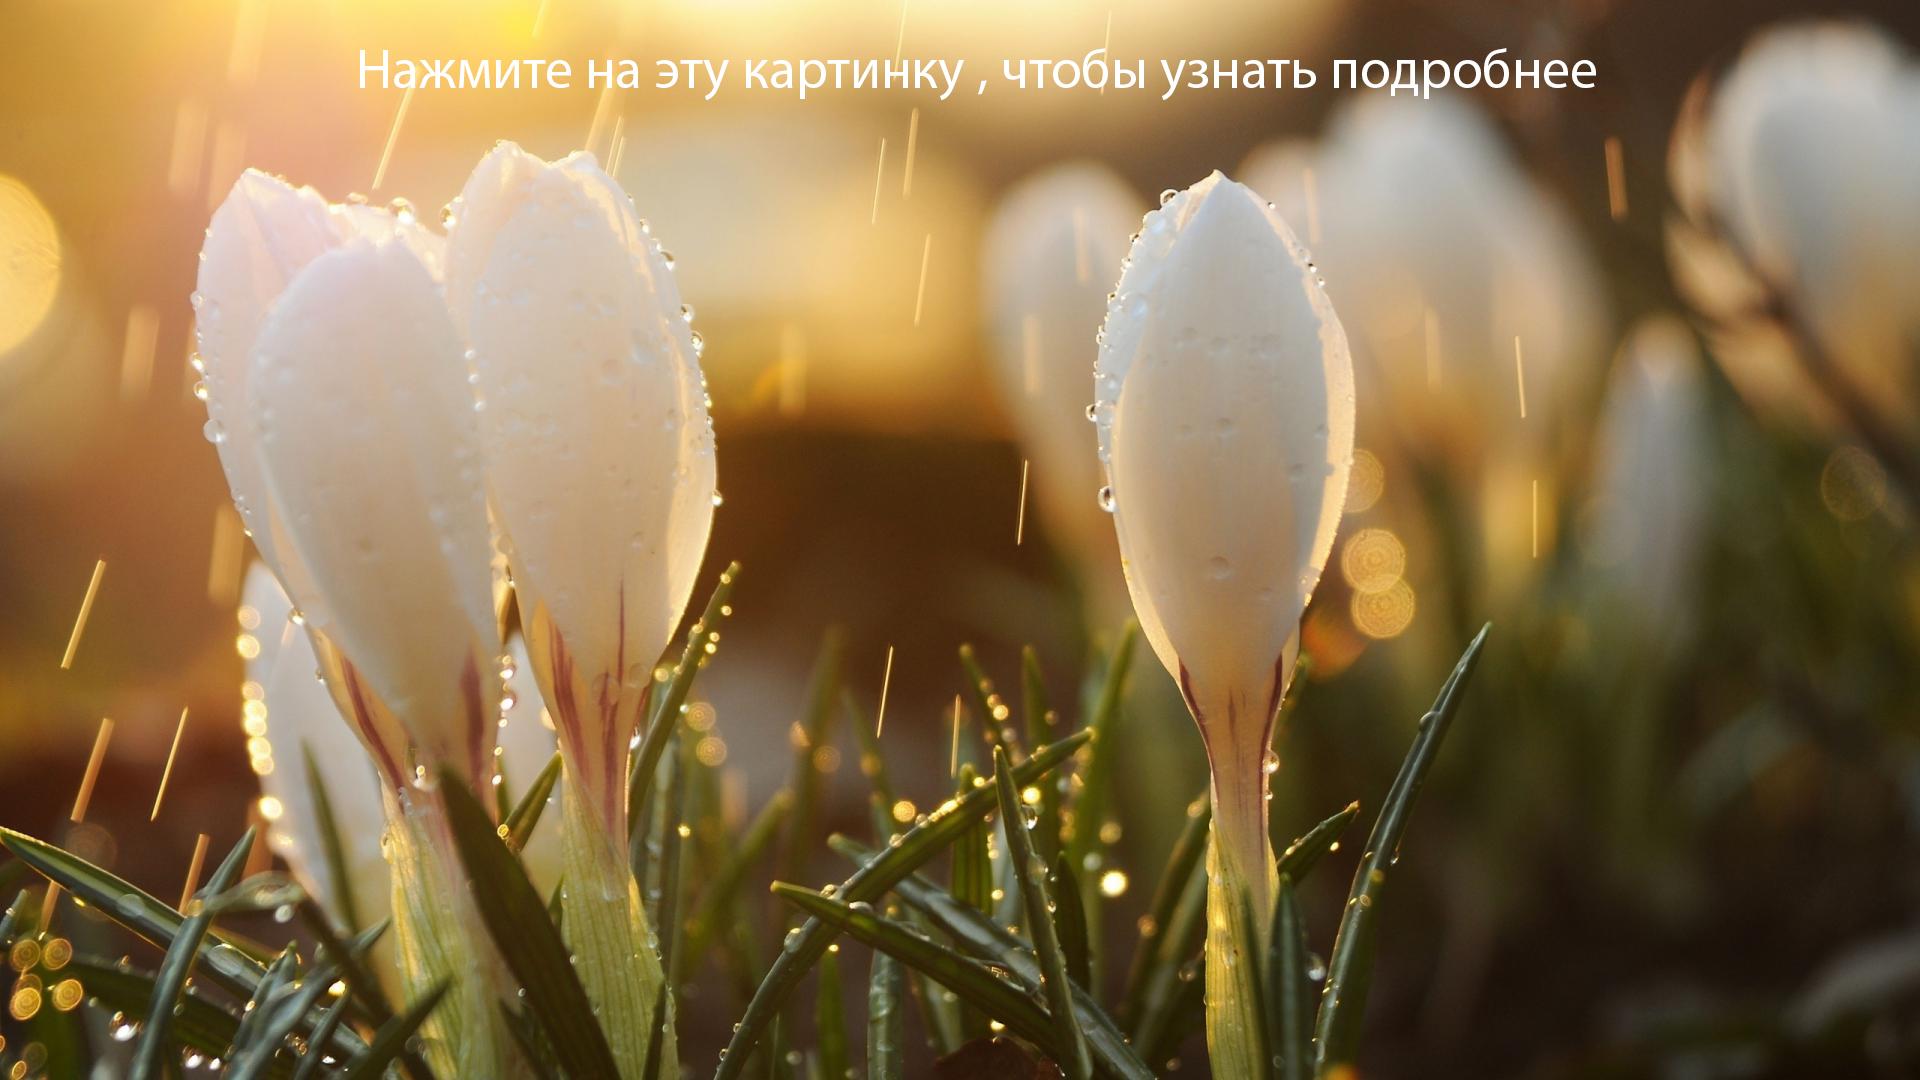 Весна-пантелеймон4-1